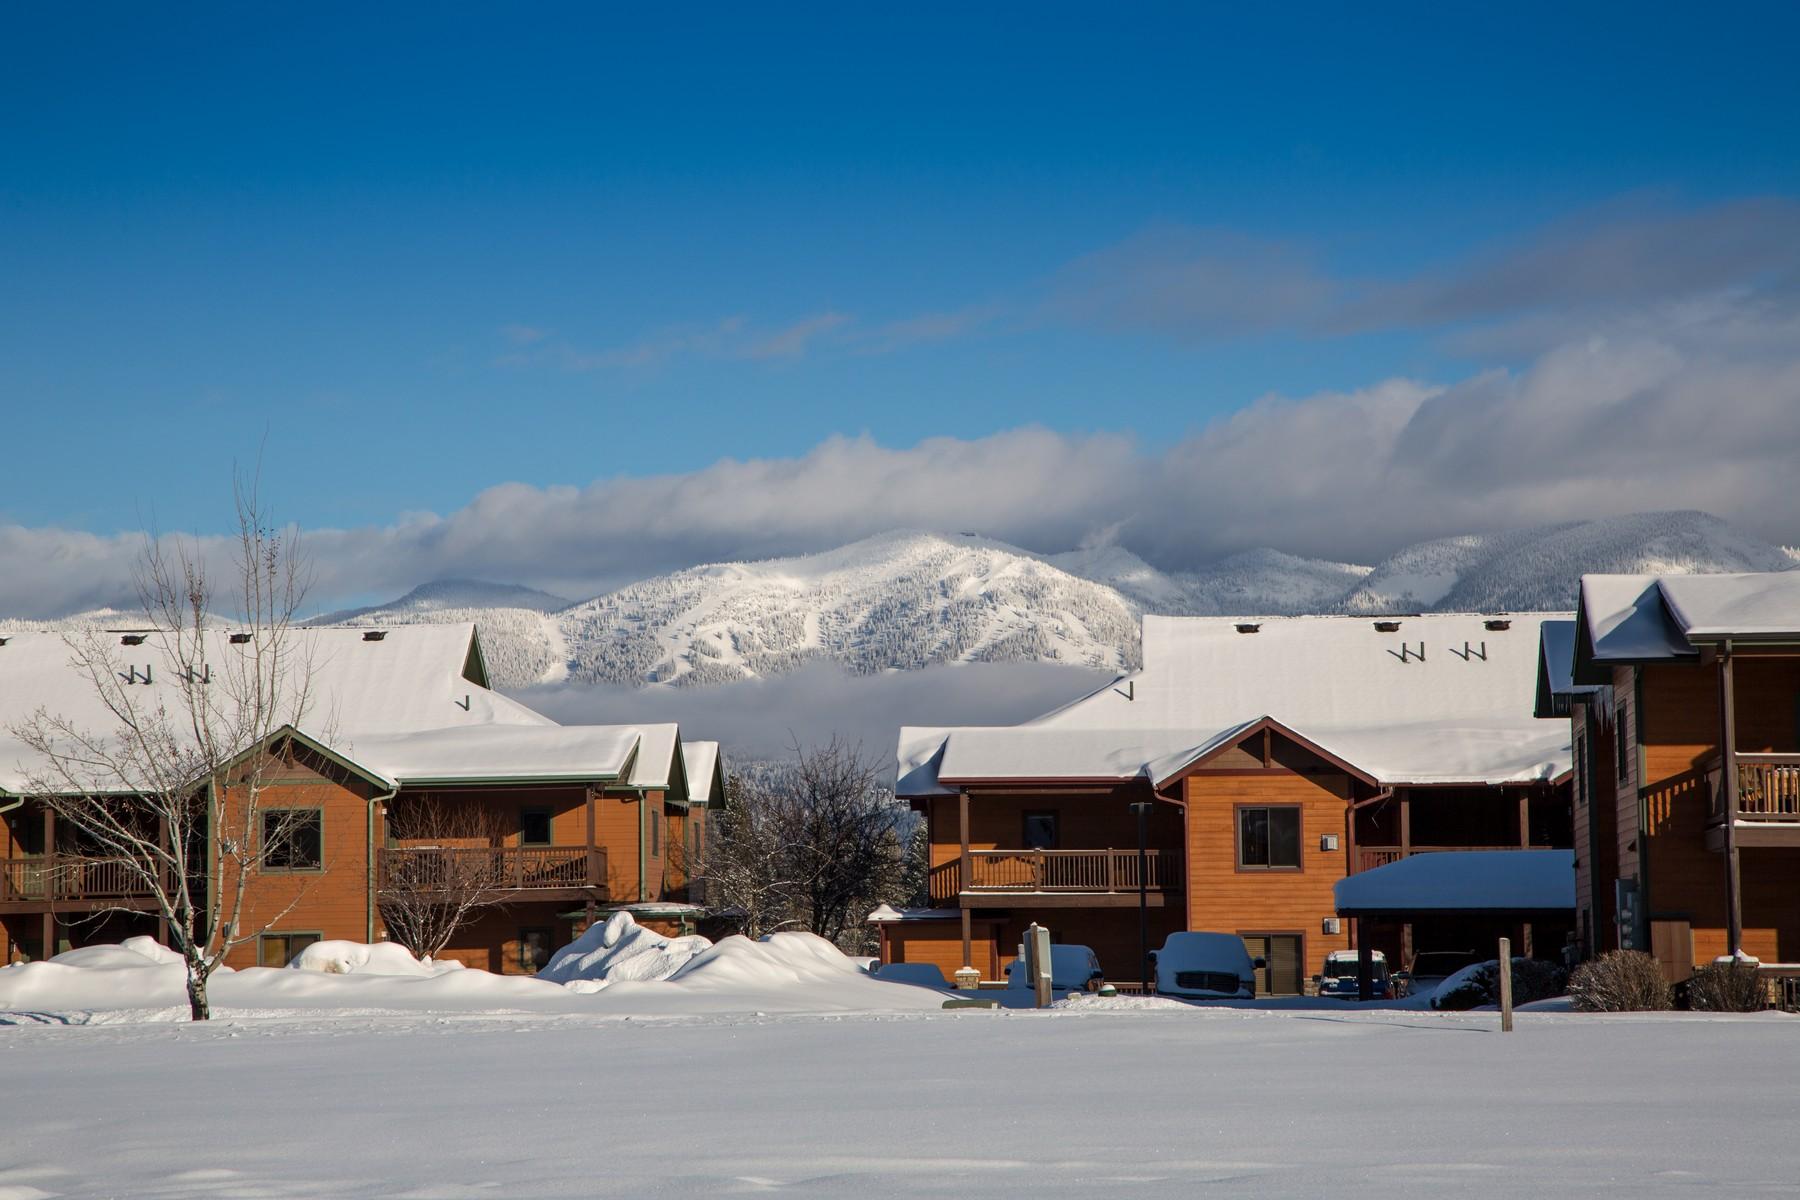 共管式独立产权公寓 为 销售 在 6213 Shiloh Avenue, Unit E, Whitefish, MT 59937 6213 Shiloh Ave Unit E, 怀特菲什, 蒙大拿州, 59937 美国